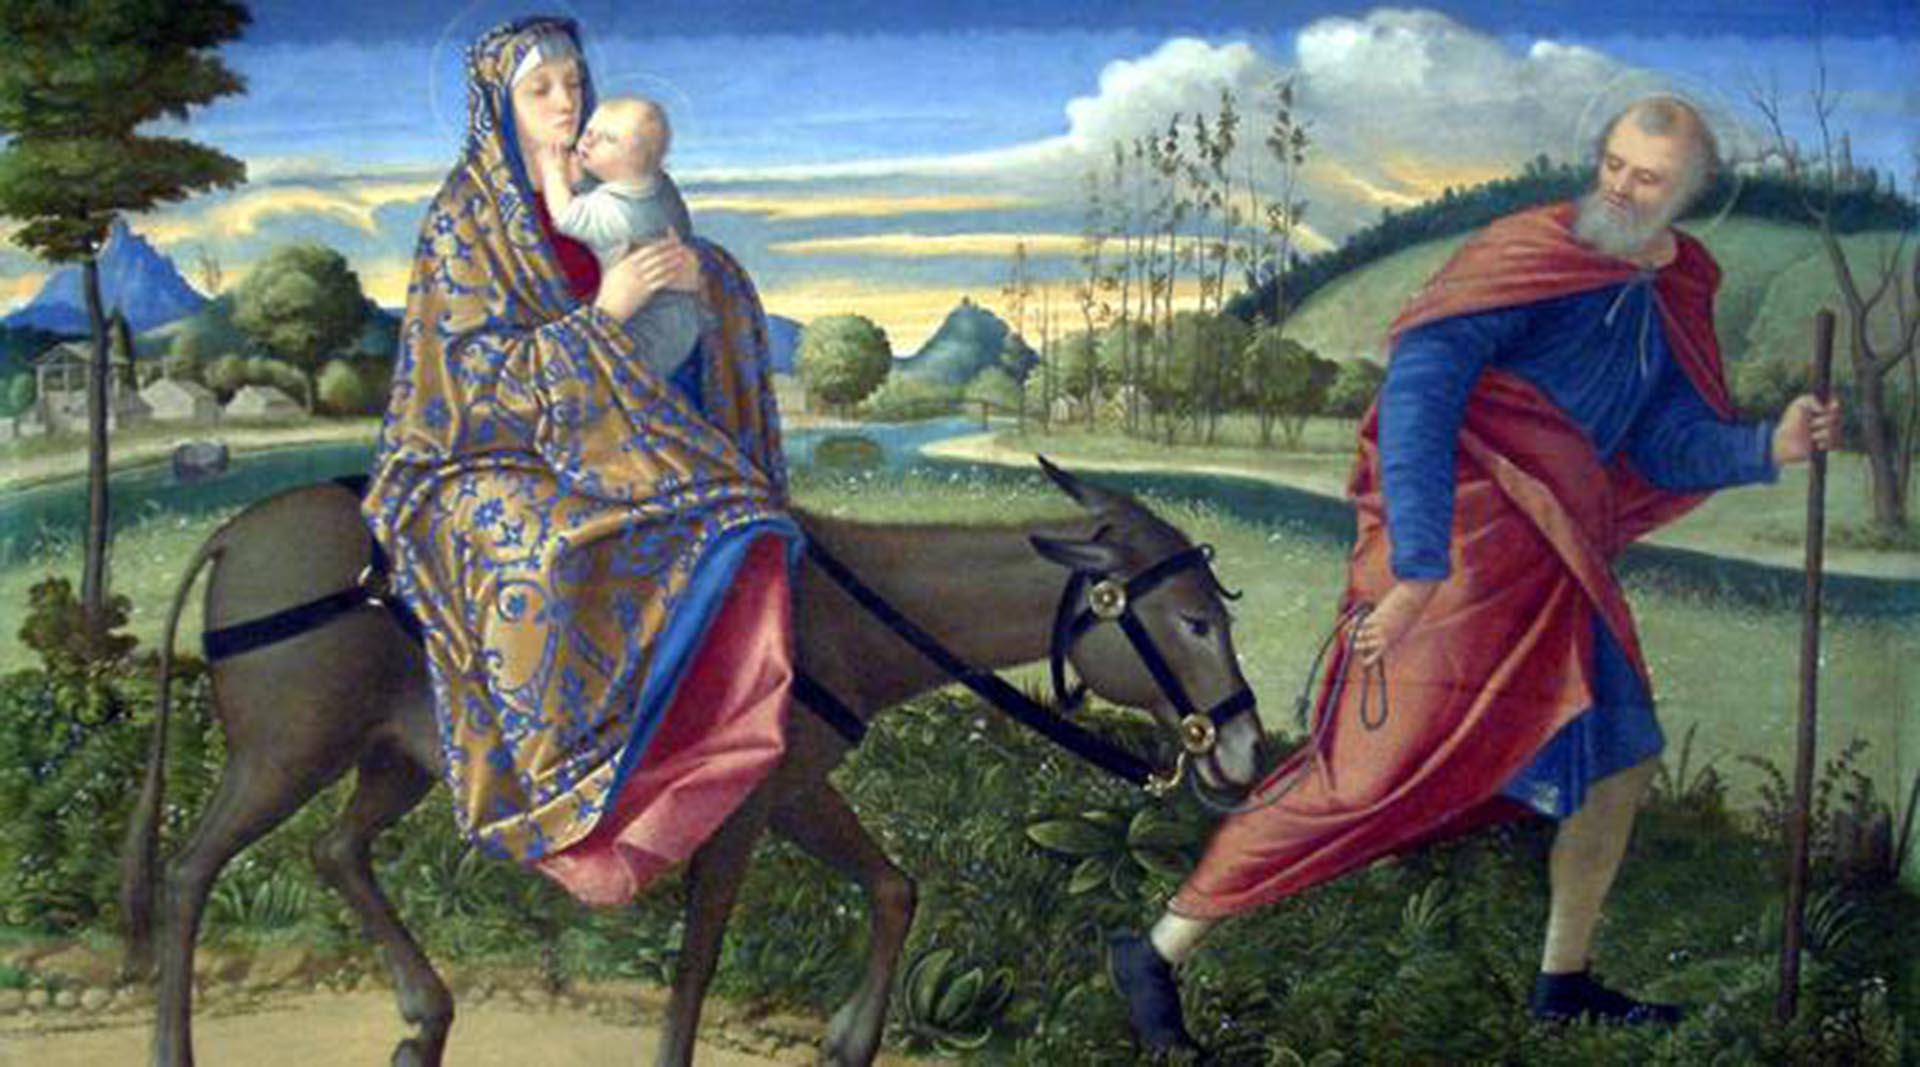 Resultado de imagen para Después que los magos se retiraron, el Ángel del Señor se apareció en sueños a José y le dijo: «Levántate, toma contigo al Niño y a su madre y huye a Egipto; y estate allí hasta que yo te diga. Porque Herodes va a buscar al Niño para matarle». Él se levantó, tomó de noche al Niño y a su madre, y se retiró a Egipto; y estuvo allí hasta la muerte de Herodes; para que se cumpliera el oráculo del Señor por medio del profeta: «De Egipto llamé a mi hijo».  Entonces Herodes, al ver que había sido burlado por los magos, se enfureció terriblemente y envió a matar a todos los niños de Belén y de toda su comarca, de dos años para abajo, según el tiempo que había precisado por los magos. Entonces se cumplió el oráculo del profeta Jeremías: «Un clamor se ha oído en Ramá, mucho llanto y lamento: es Raquel que llora a sus hijos, y no quiere consolarse, porque ya no existen».